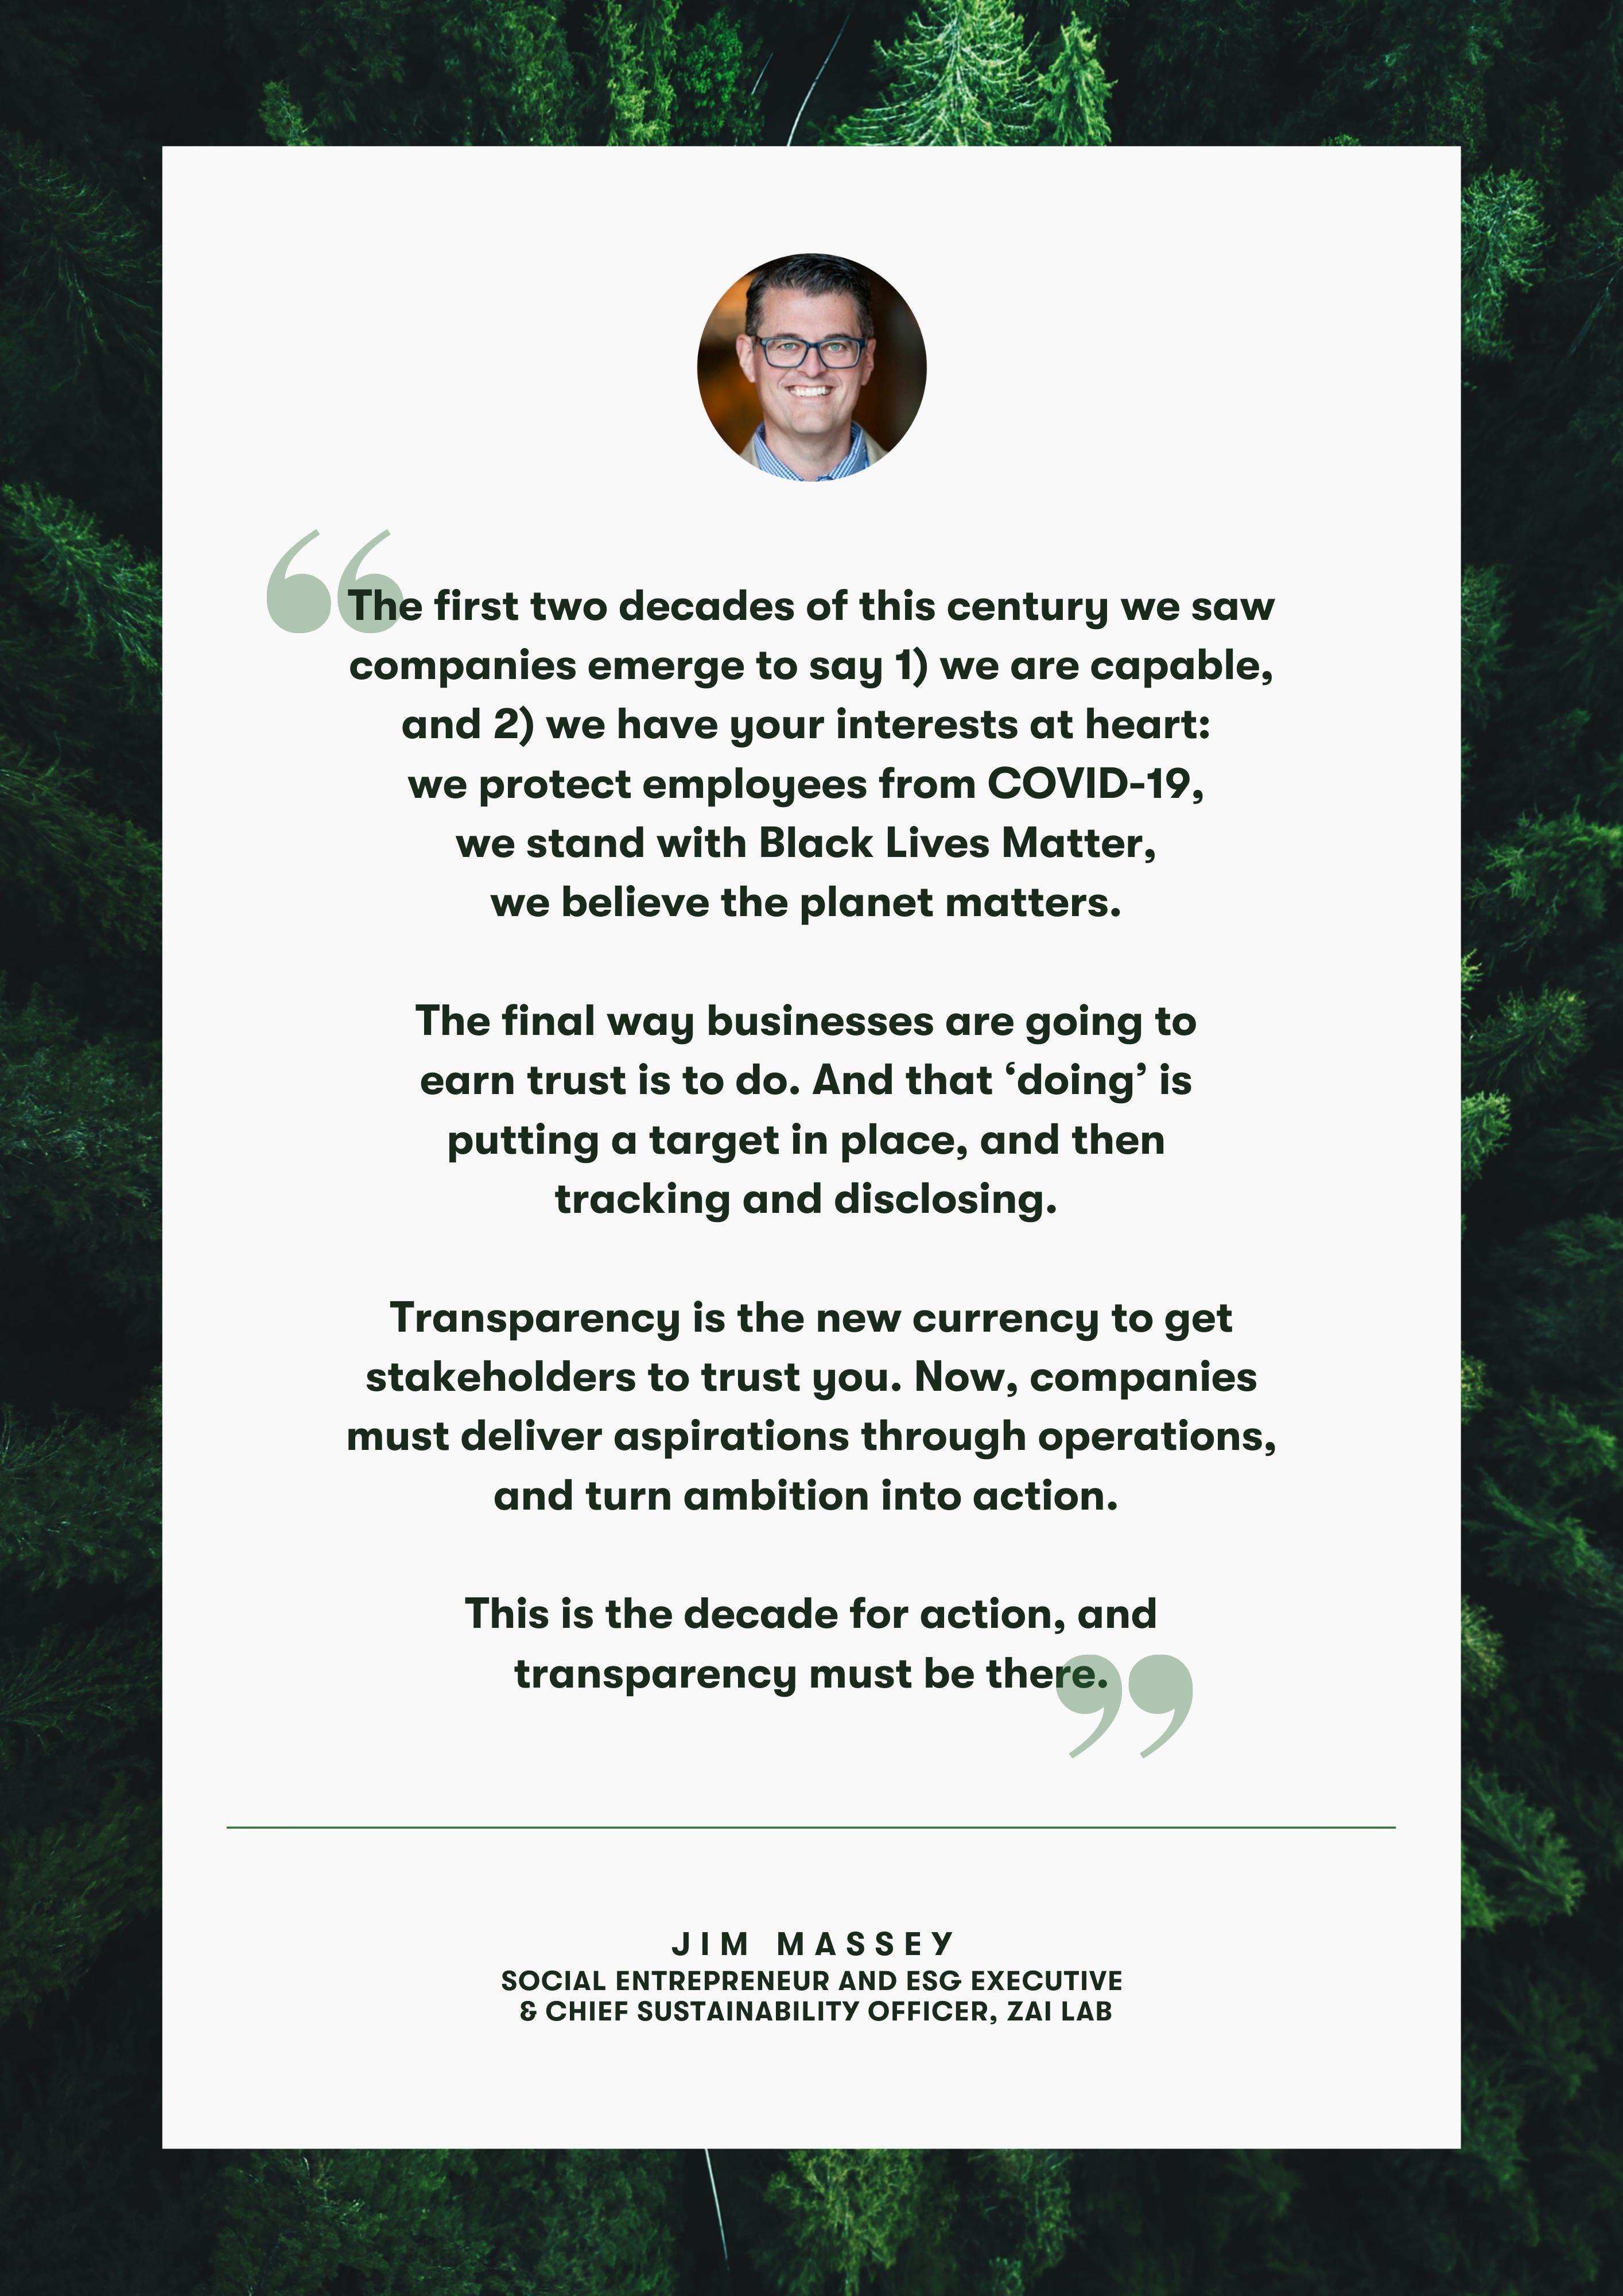 Jim Massey Quote